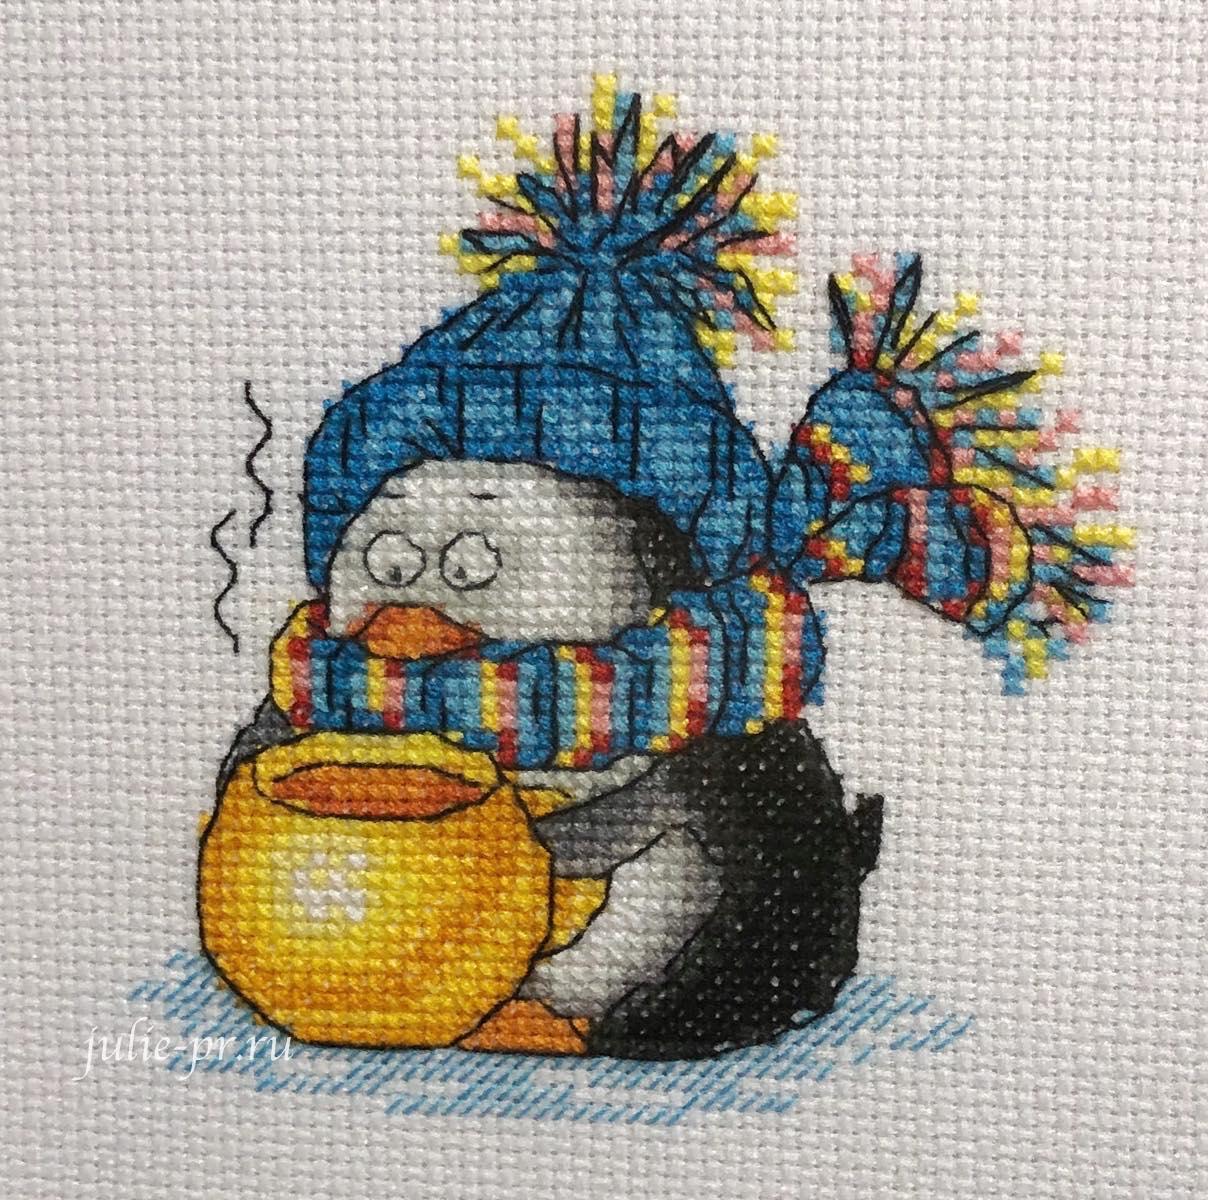 Кларт, Зимнее чаепитие, пингвин, чай, вышивка крестом, формула рукоделия зима 2020